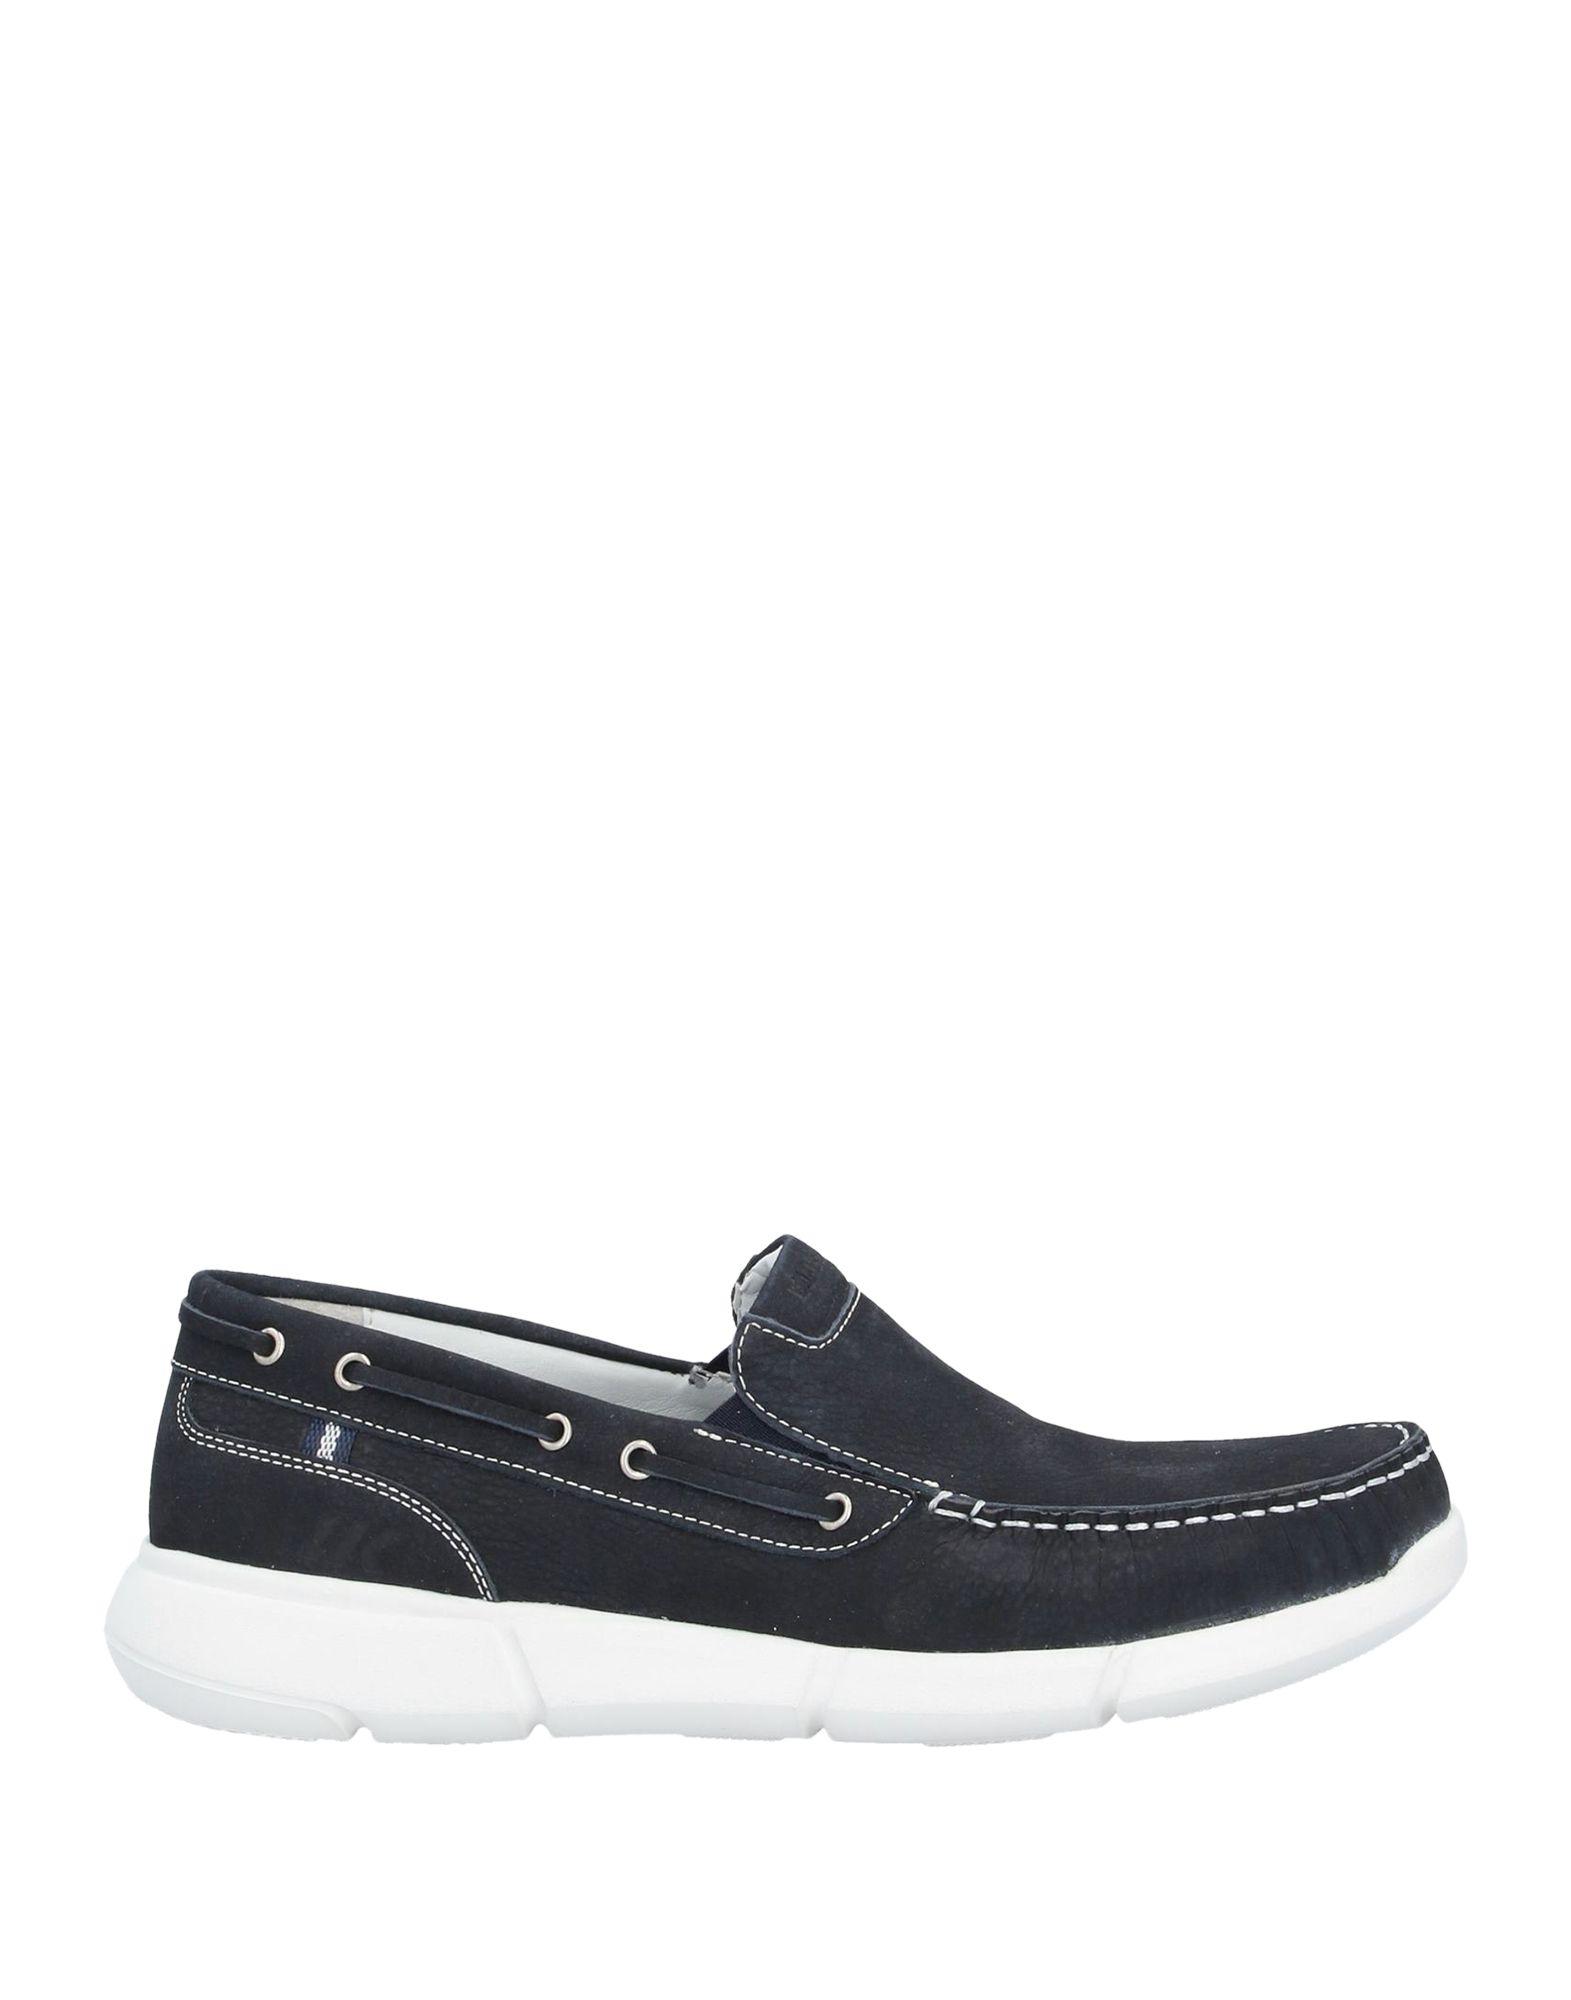 мужские сандалии купить в москве распродажа